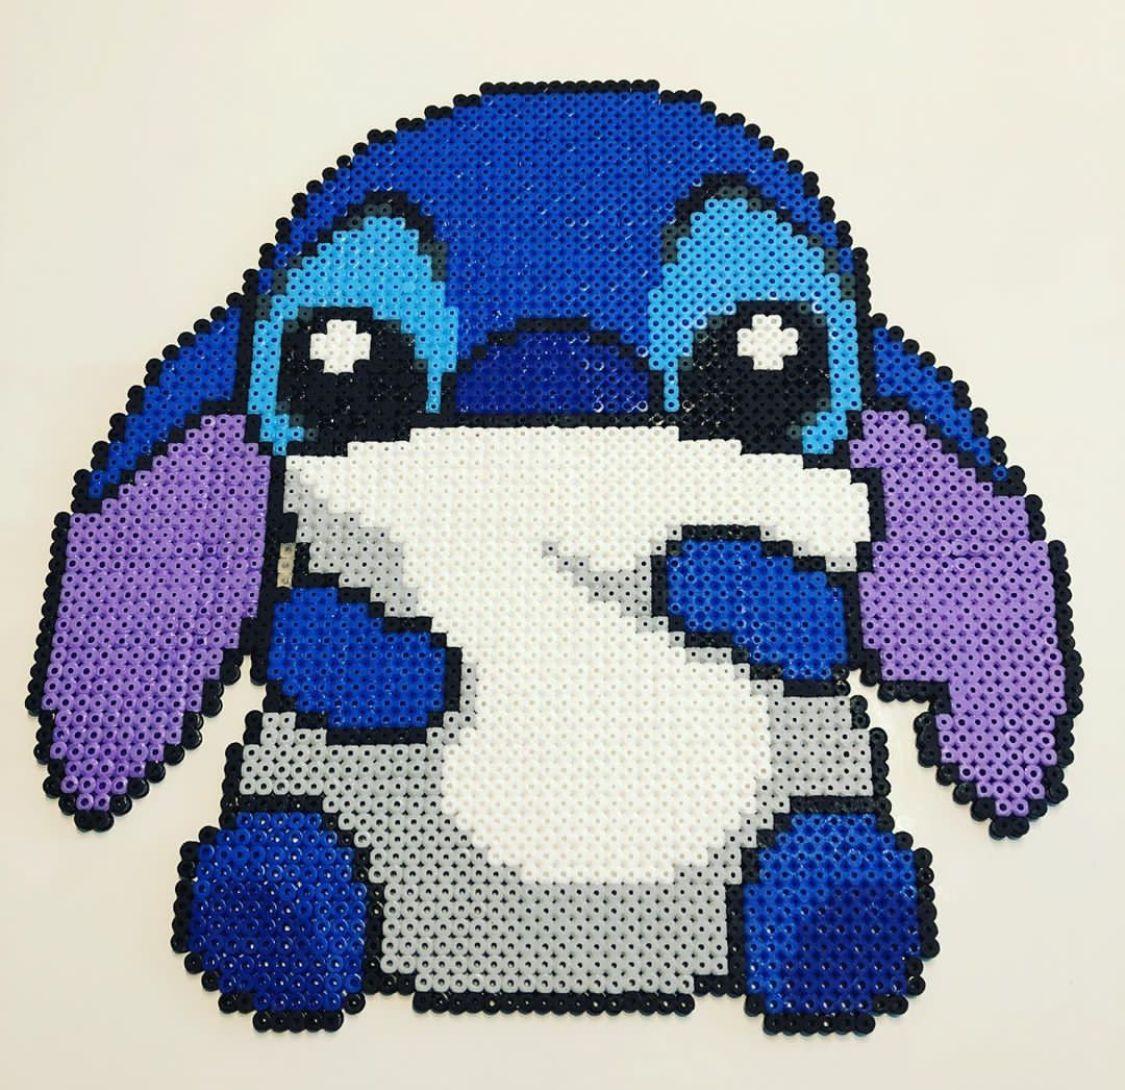 Epingle Par Luciebllc Sur Perler Bead 9 Dessin Petit Carreau Coloriage Renard Jeux Pixel Art